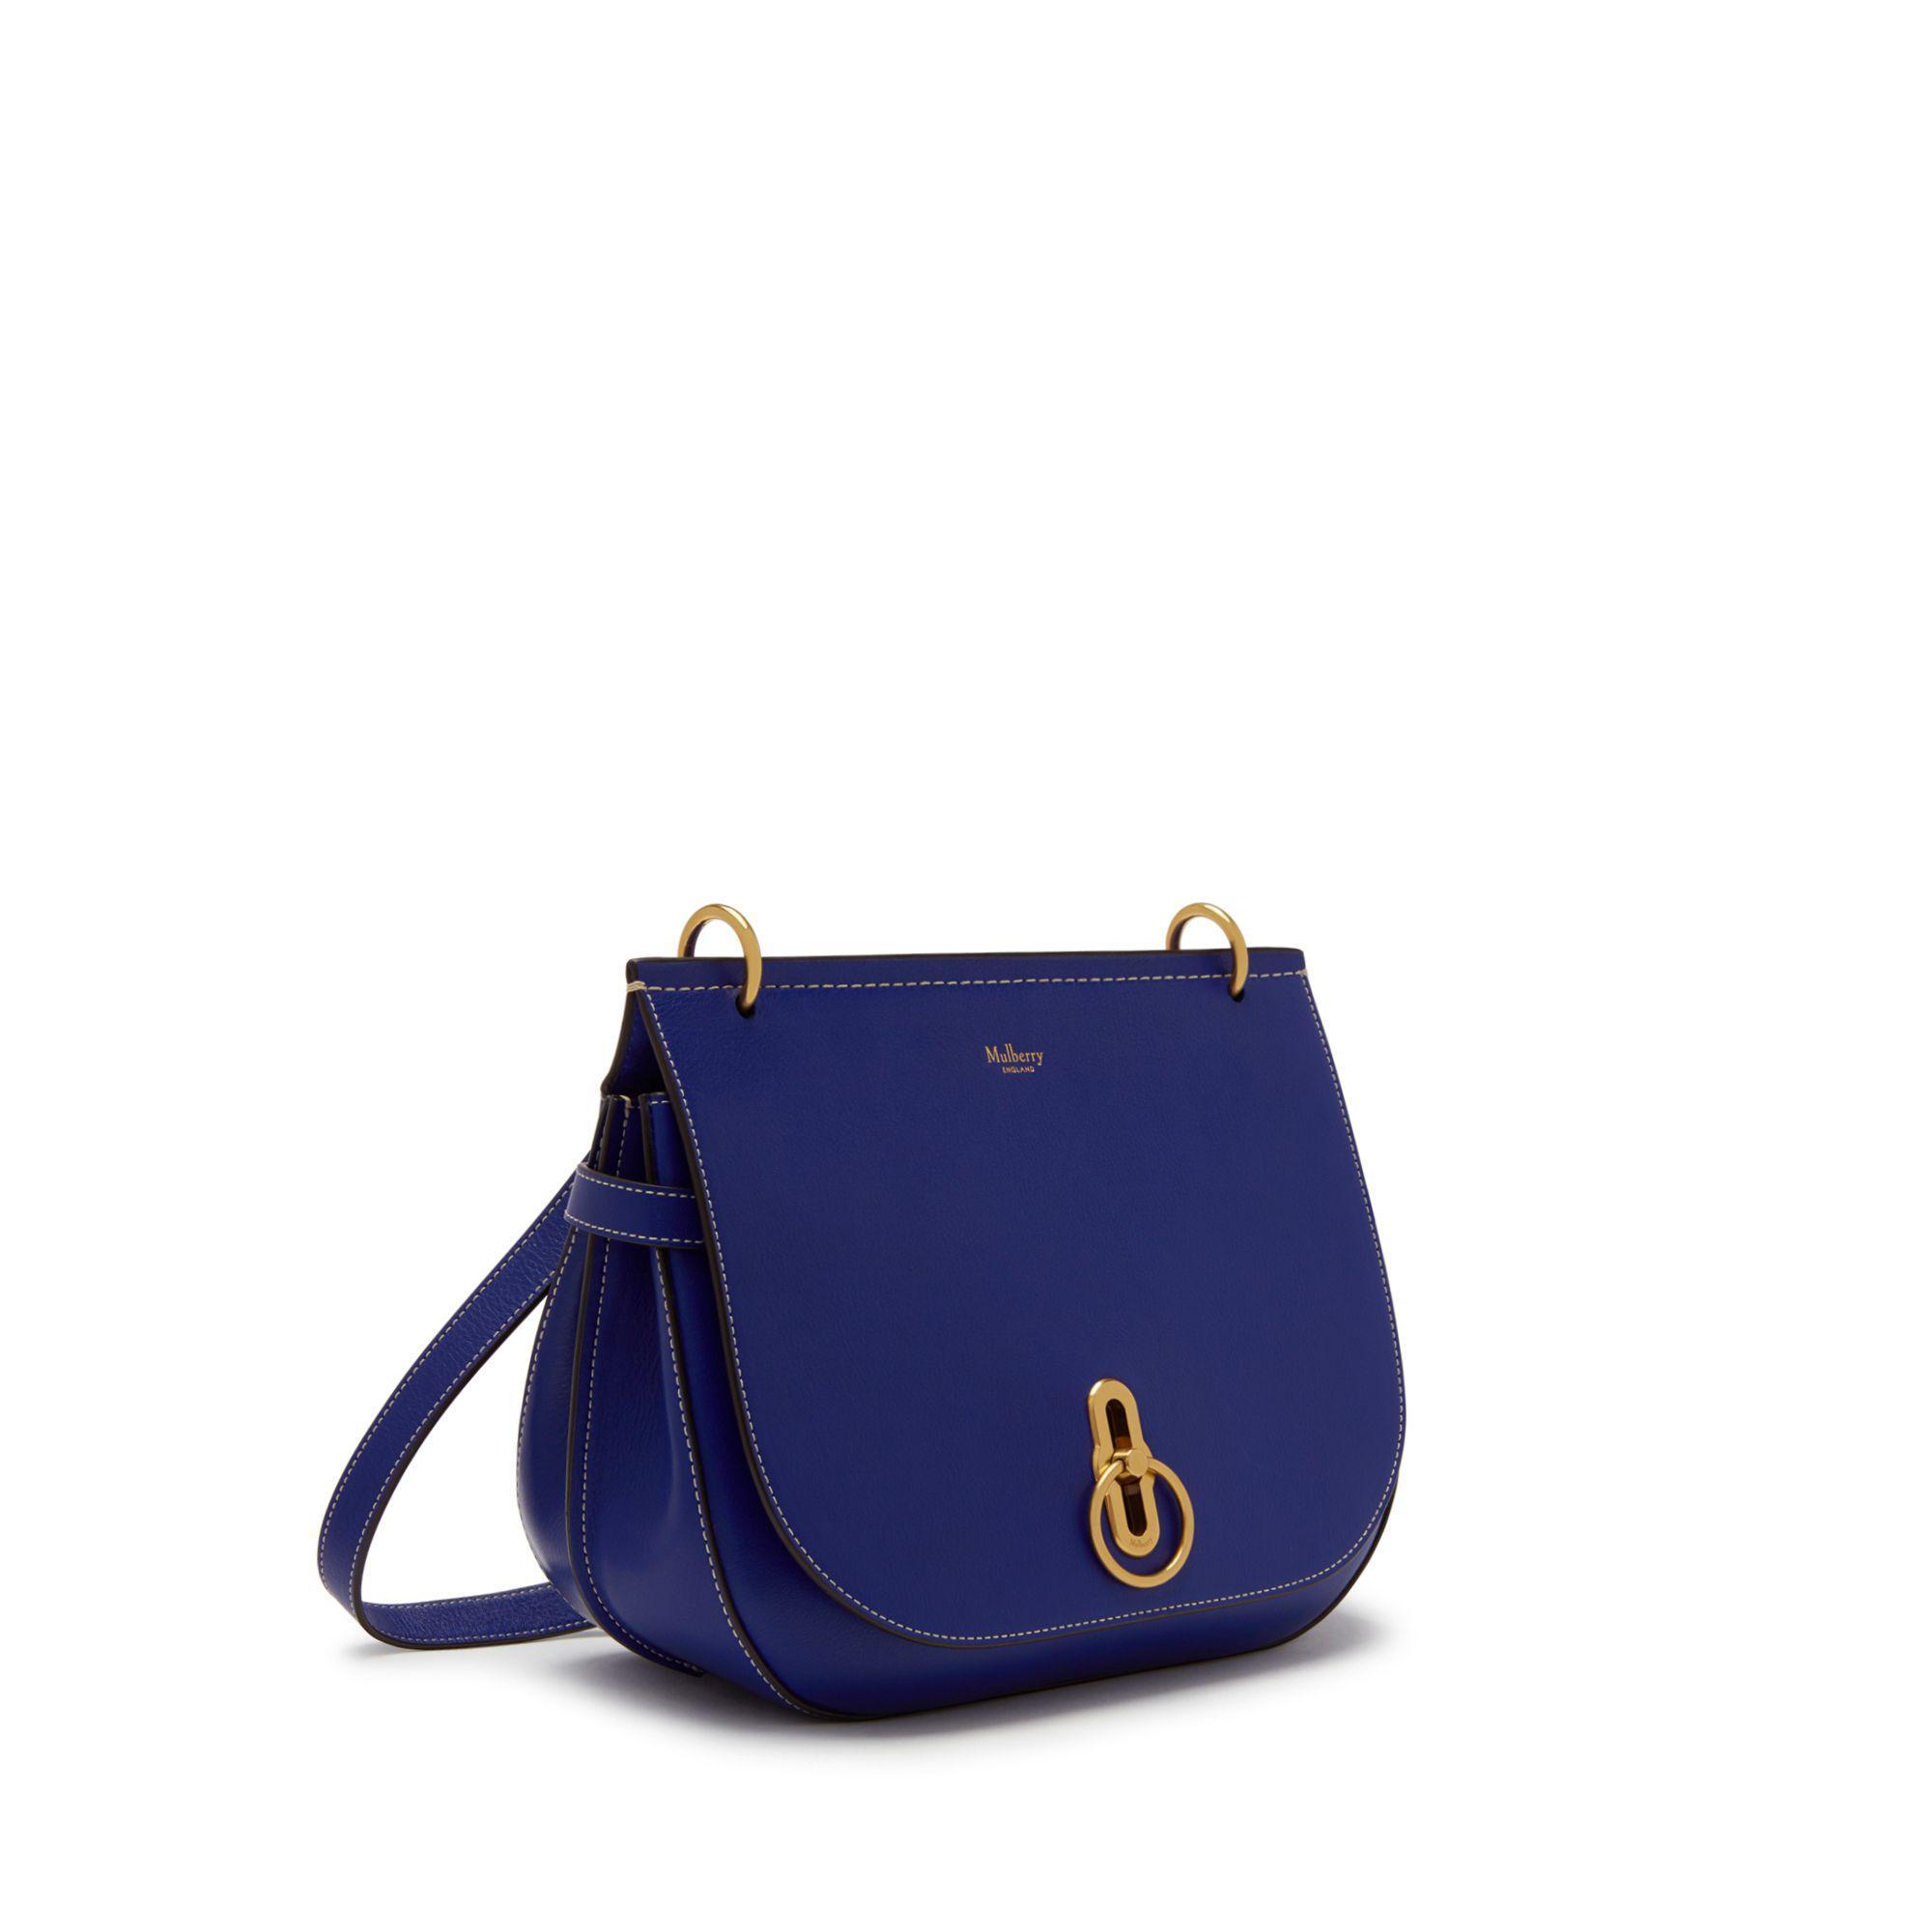 755e0d548e1c8 Mulberry - Amberley Satchel In Cobalt Blue Silky Calf - Lyst. View  fullscreen